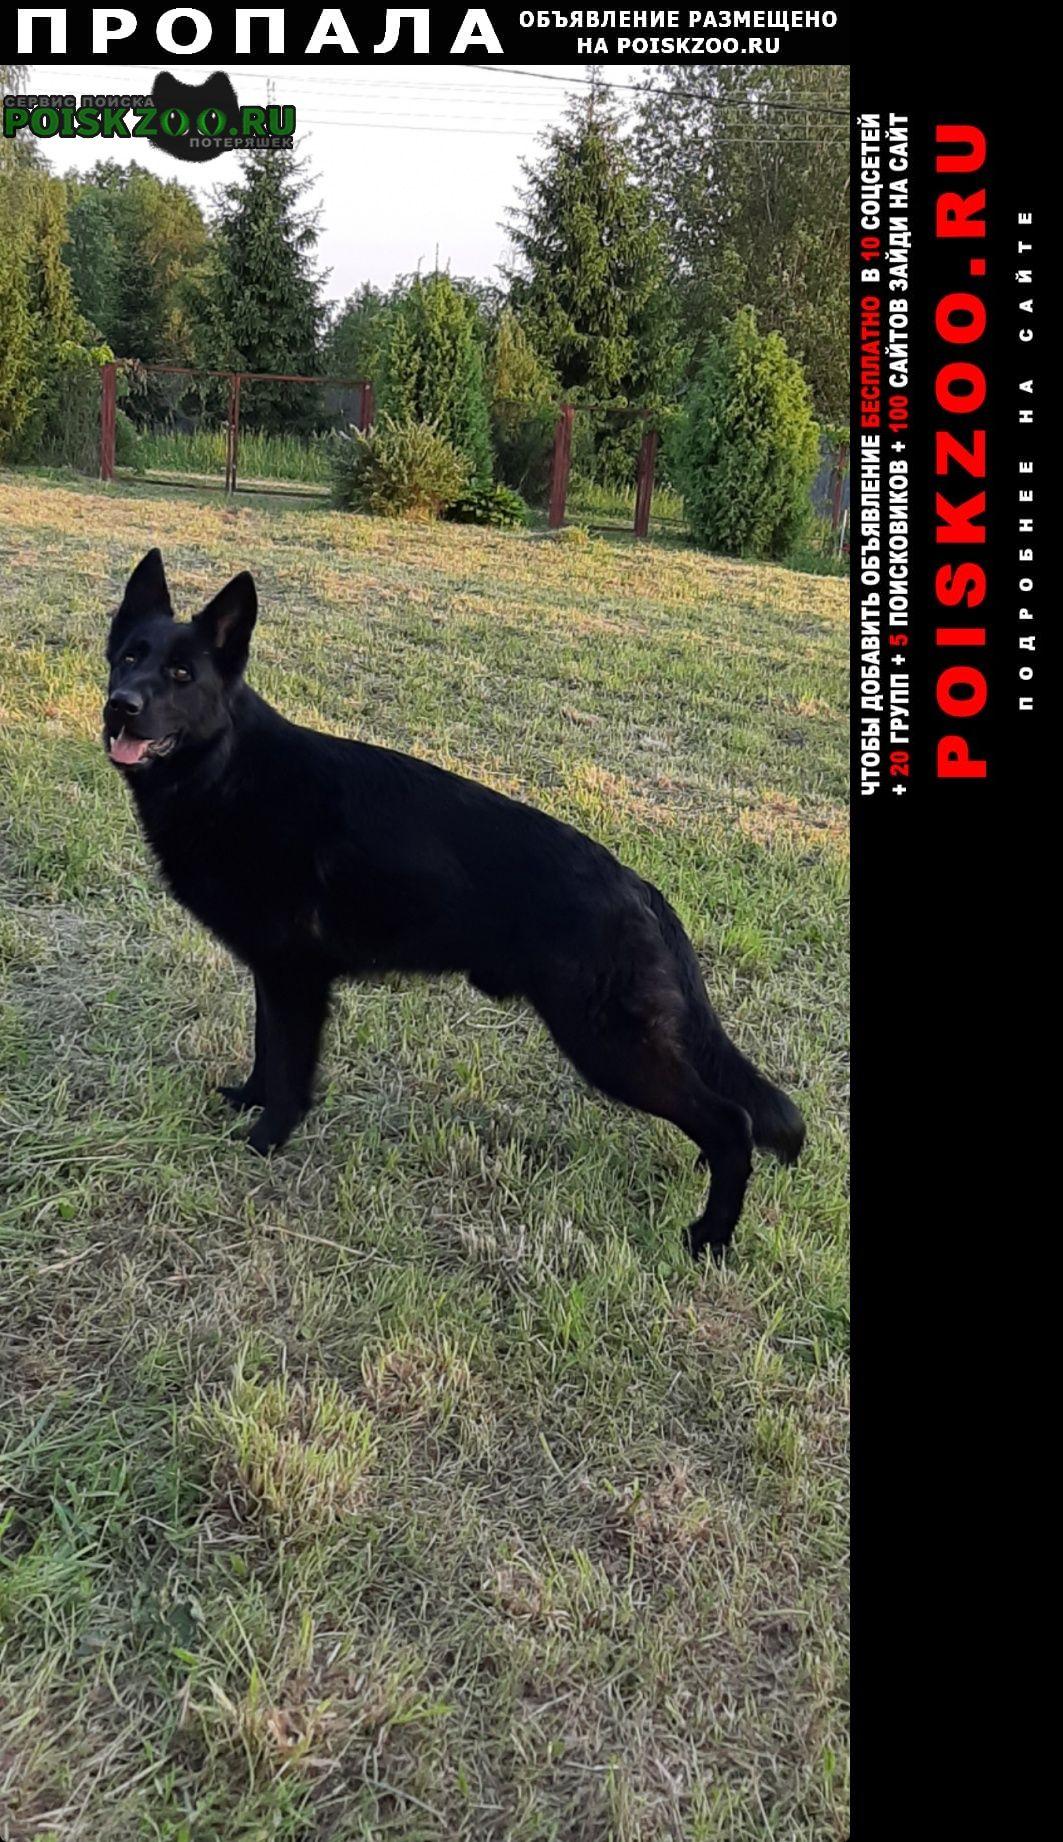 Пропала собака кобель. немецкая овчарка 2, 5года, черный. Икша